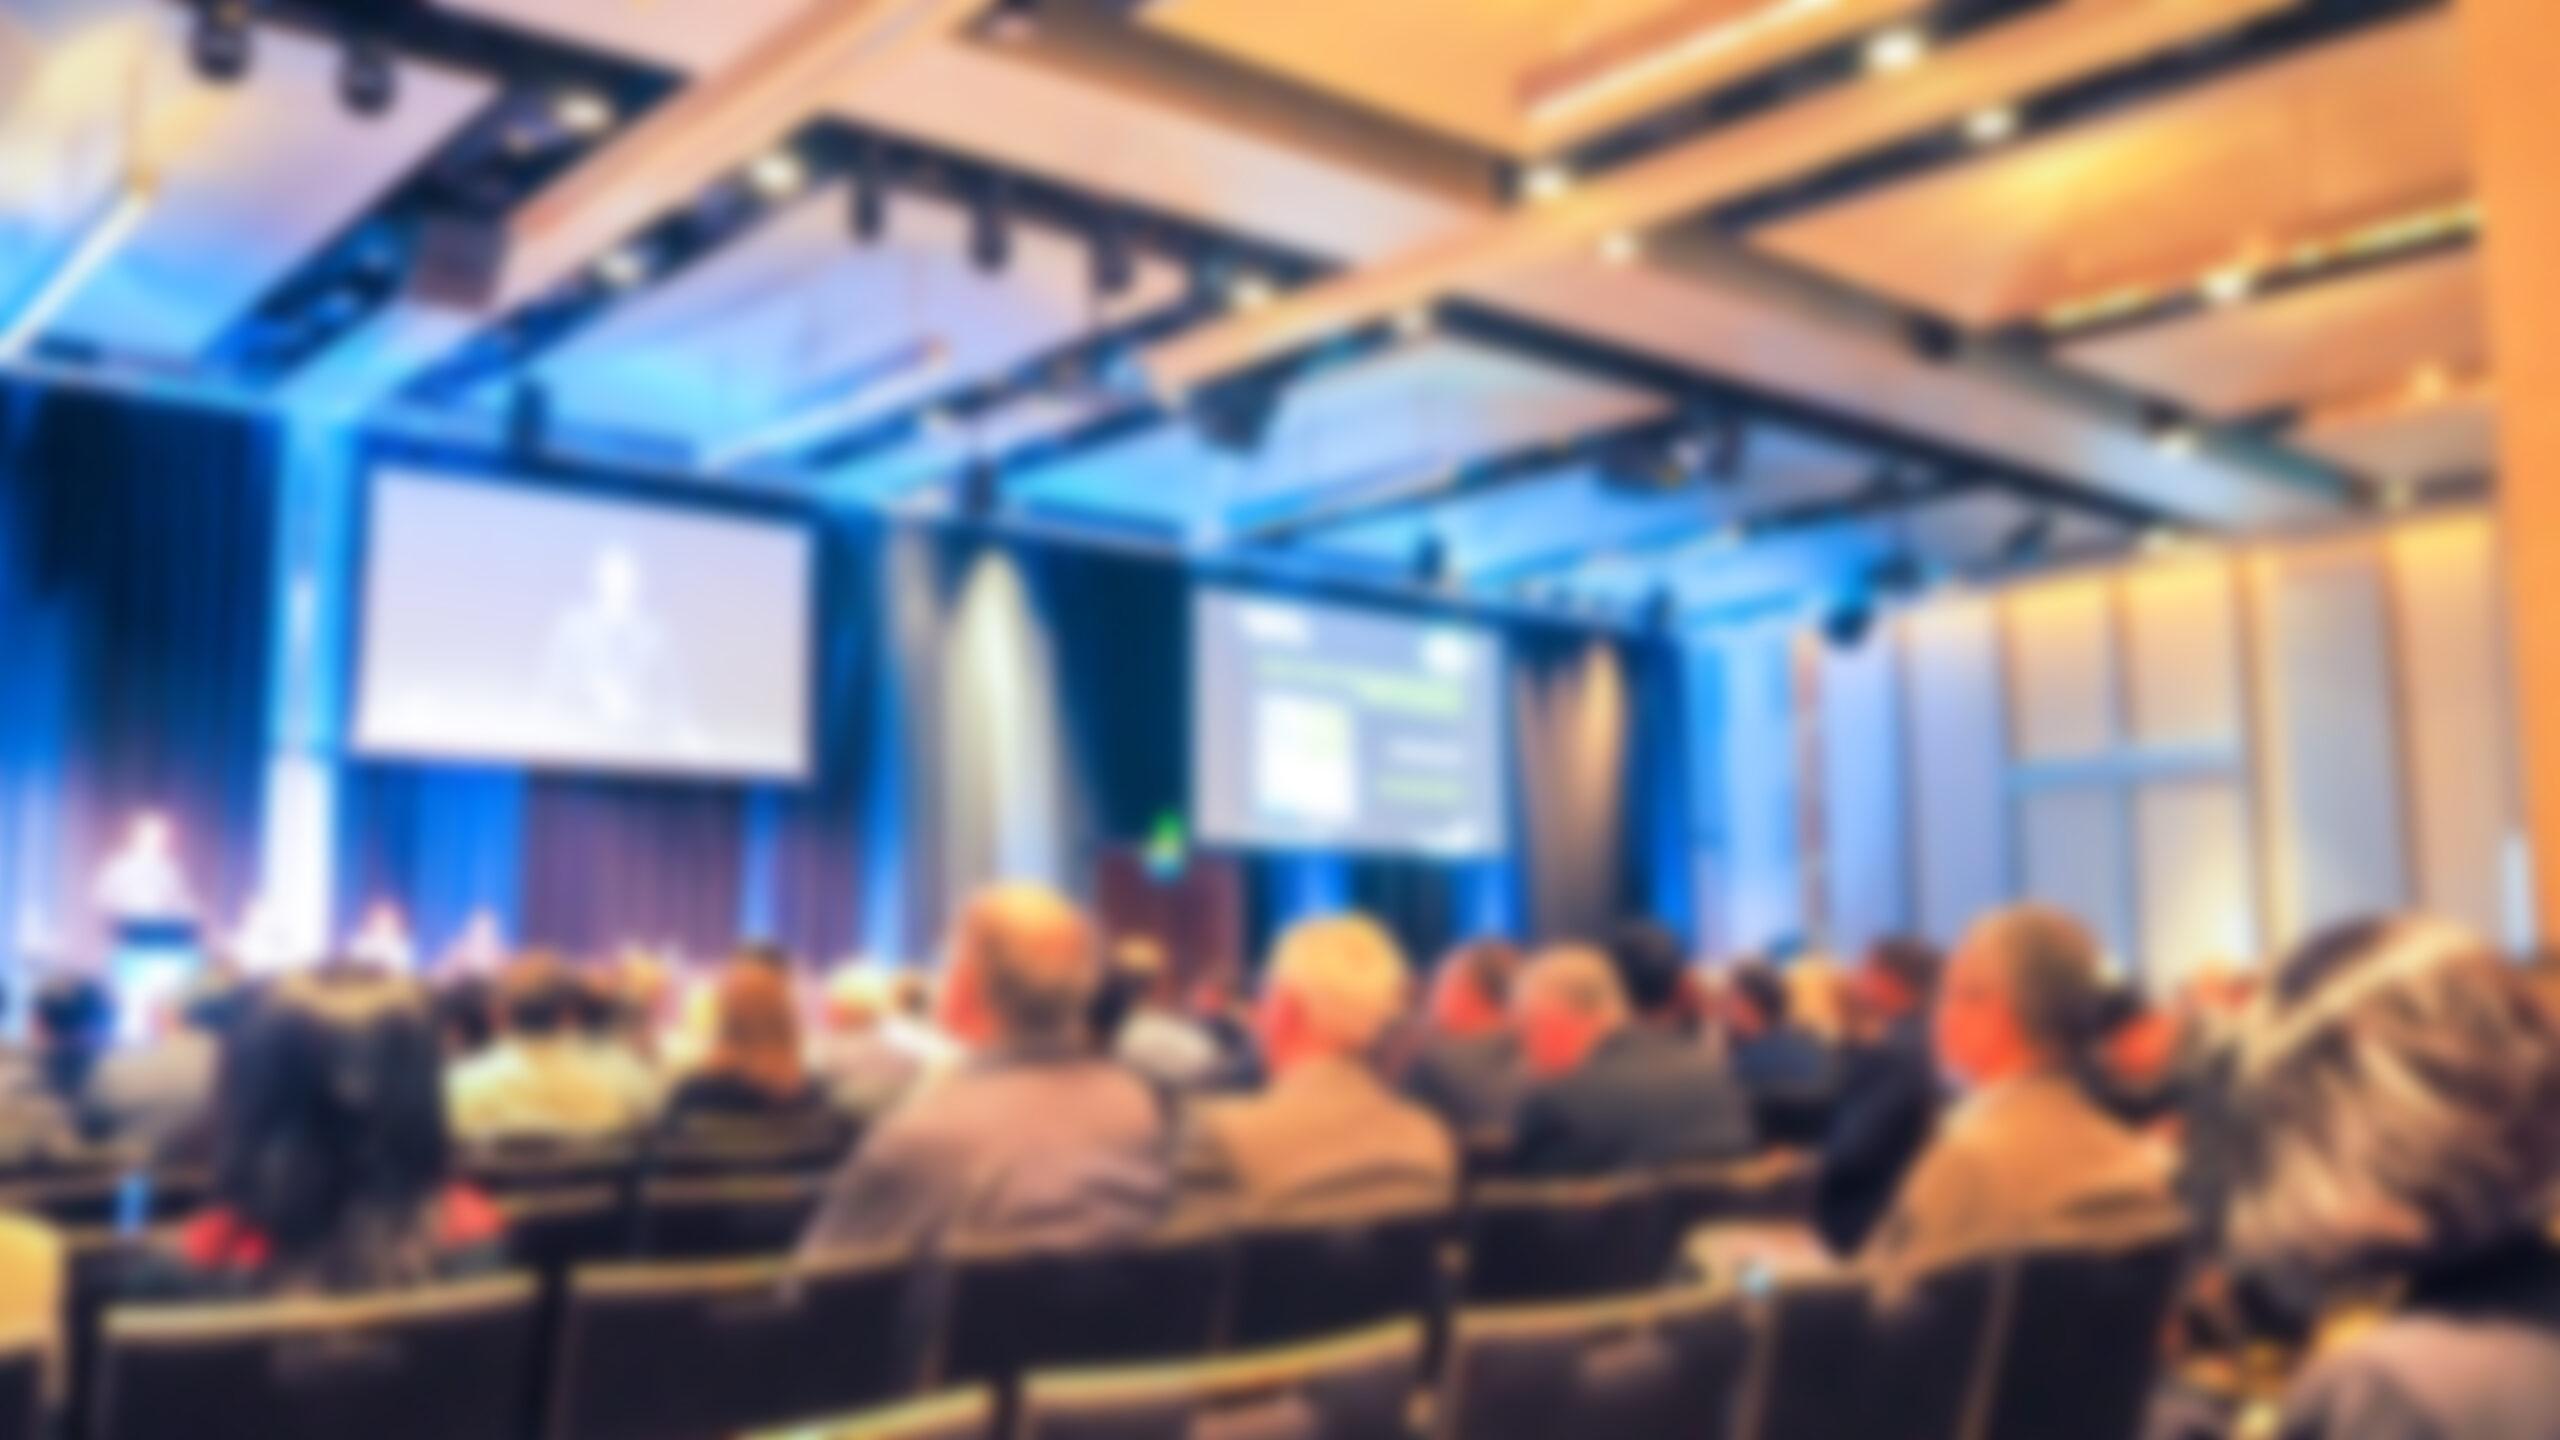 Бизнес-встреча 11 сентября 2018г. по вопросам развития электронной коммерции в розничной торговле. Содействие экспортно-импортным операциям при взаимодействии с Европейским союзом и странами ЕАЭС